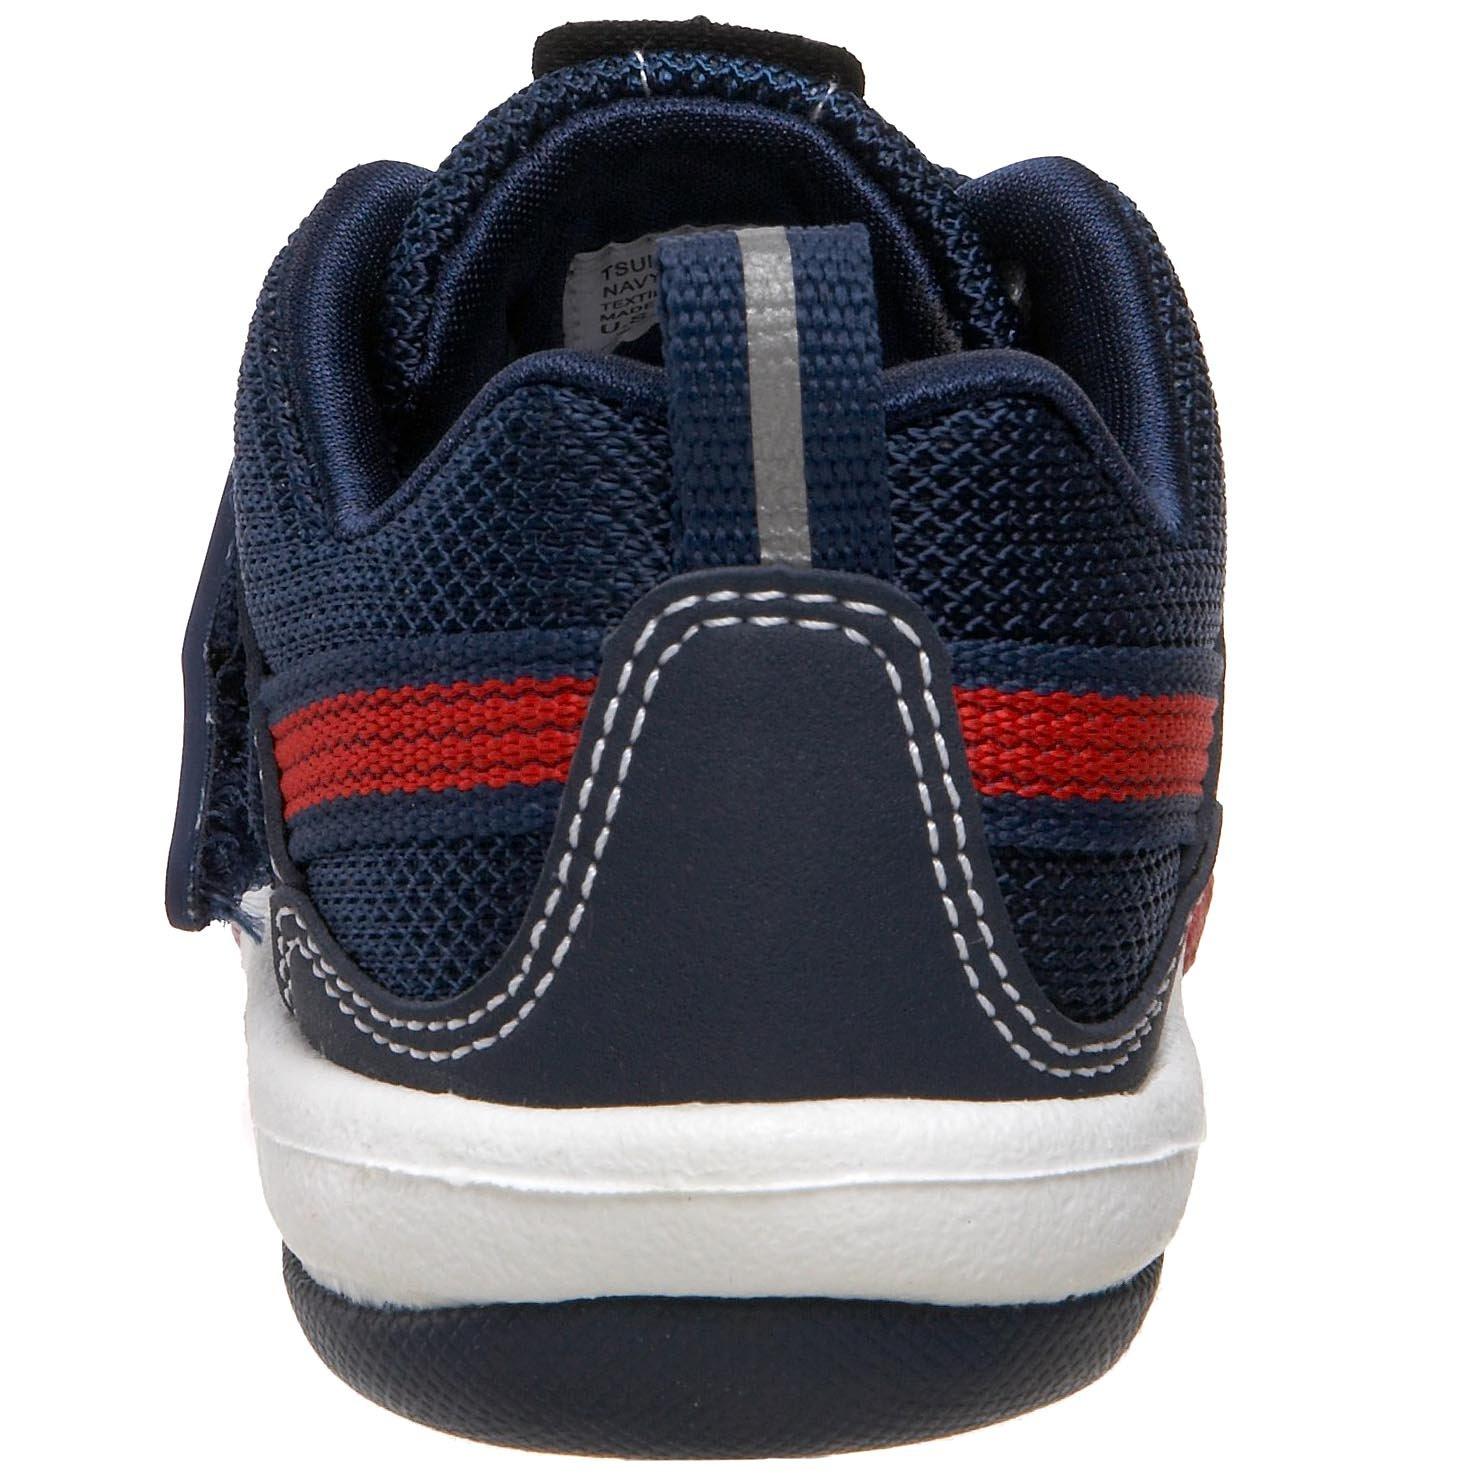 Tsukihoshi BABY03 Maru Sneaker Toddler